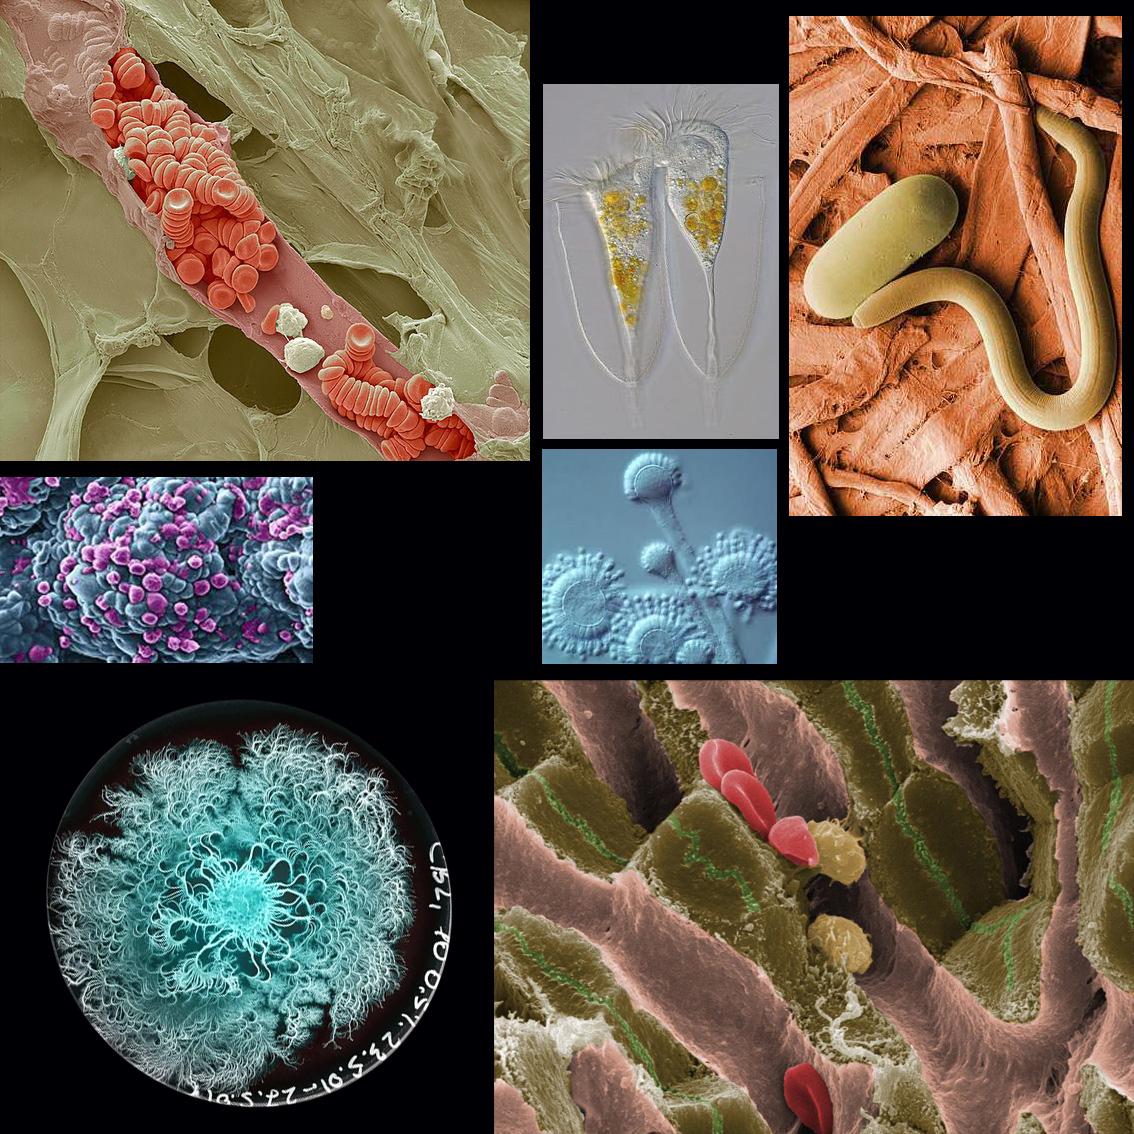 globulos, parasitos y otras micrografias